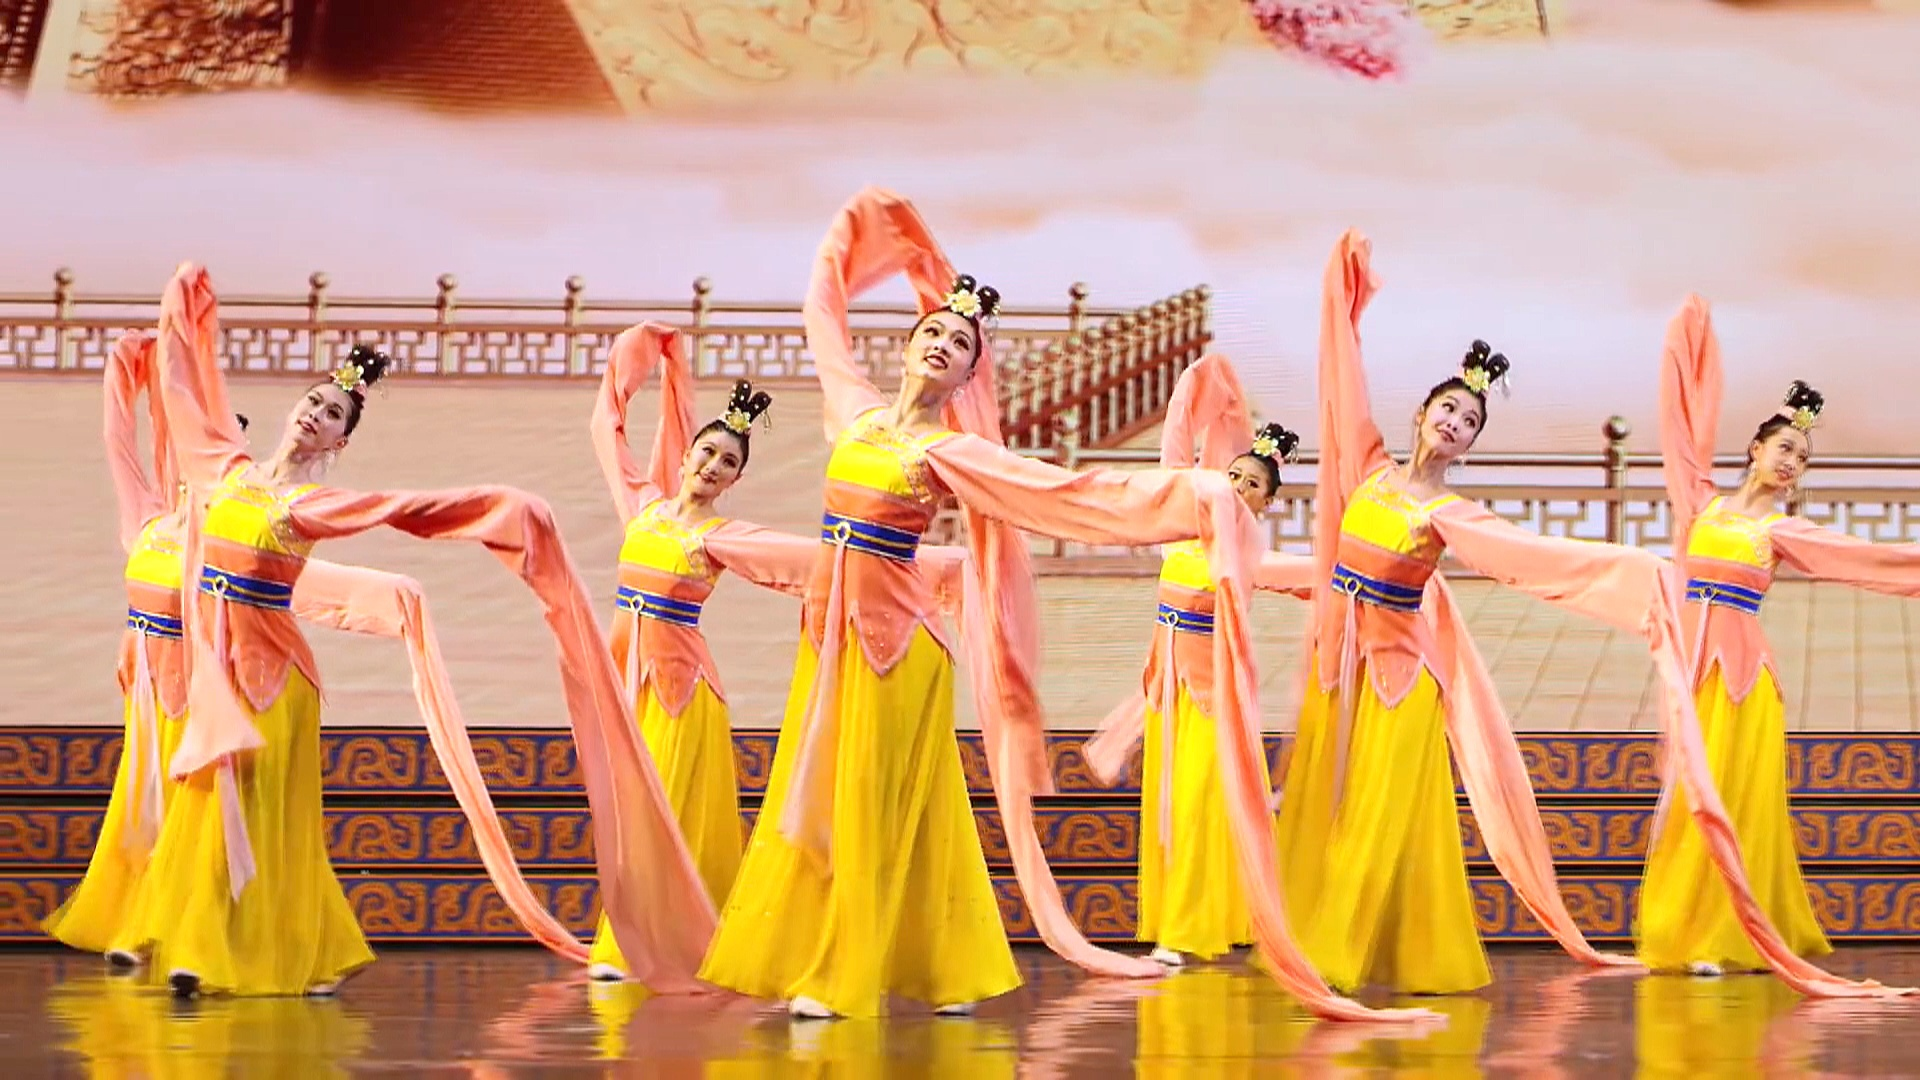 Концерт Shen Yun в Лас-Вегасе вызвал волну восхищения